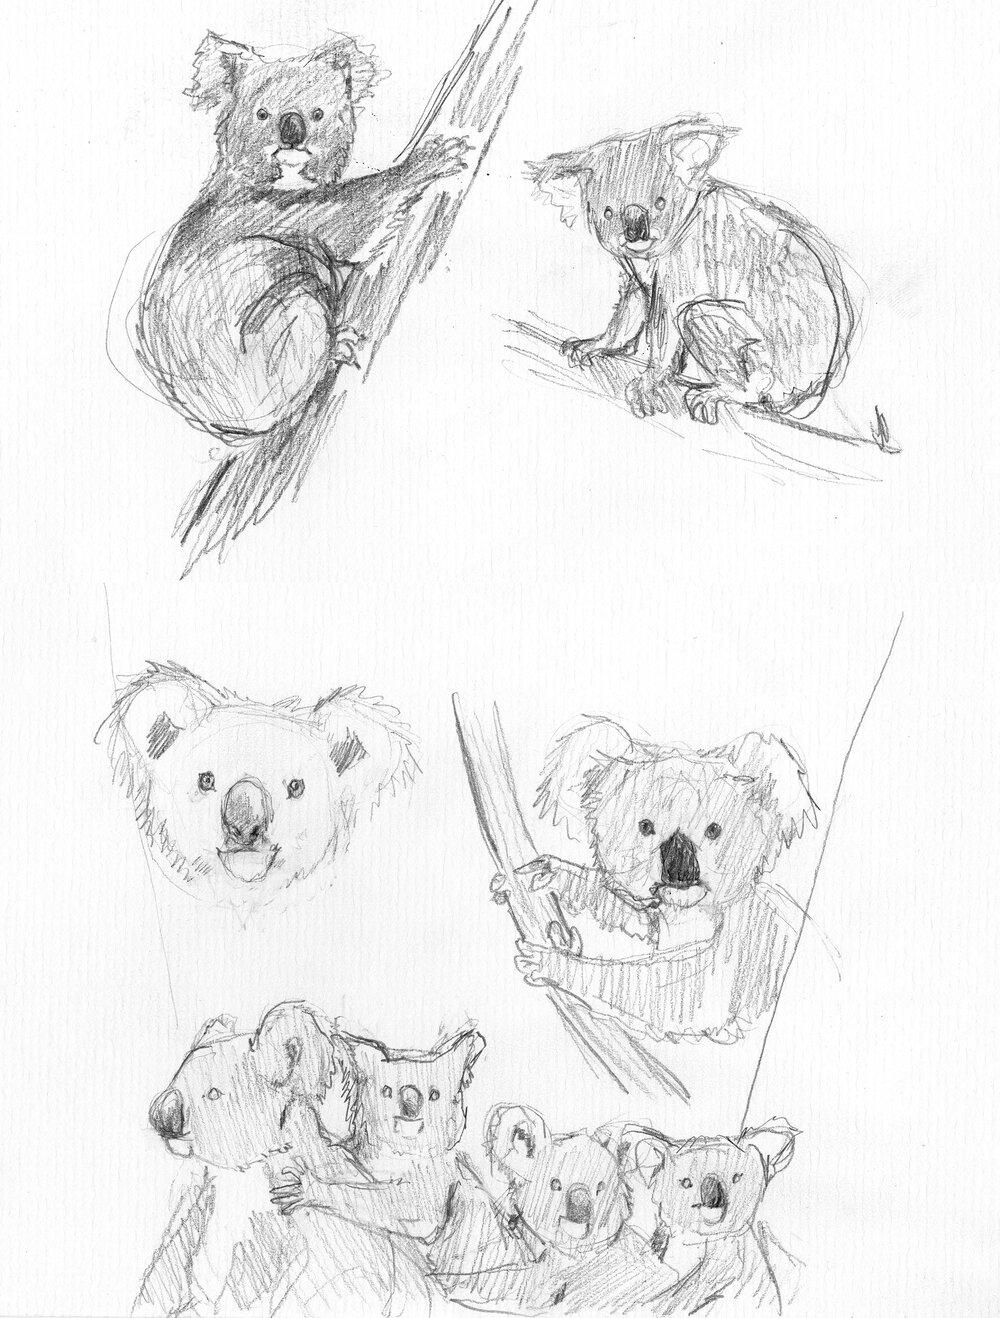 koala scan 2_26_16004 smaller.jpg